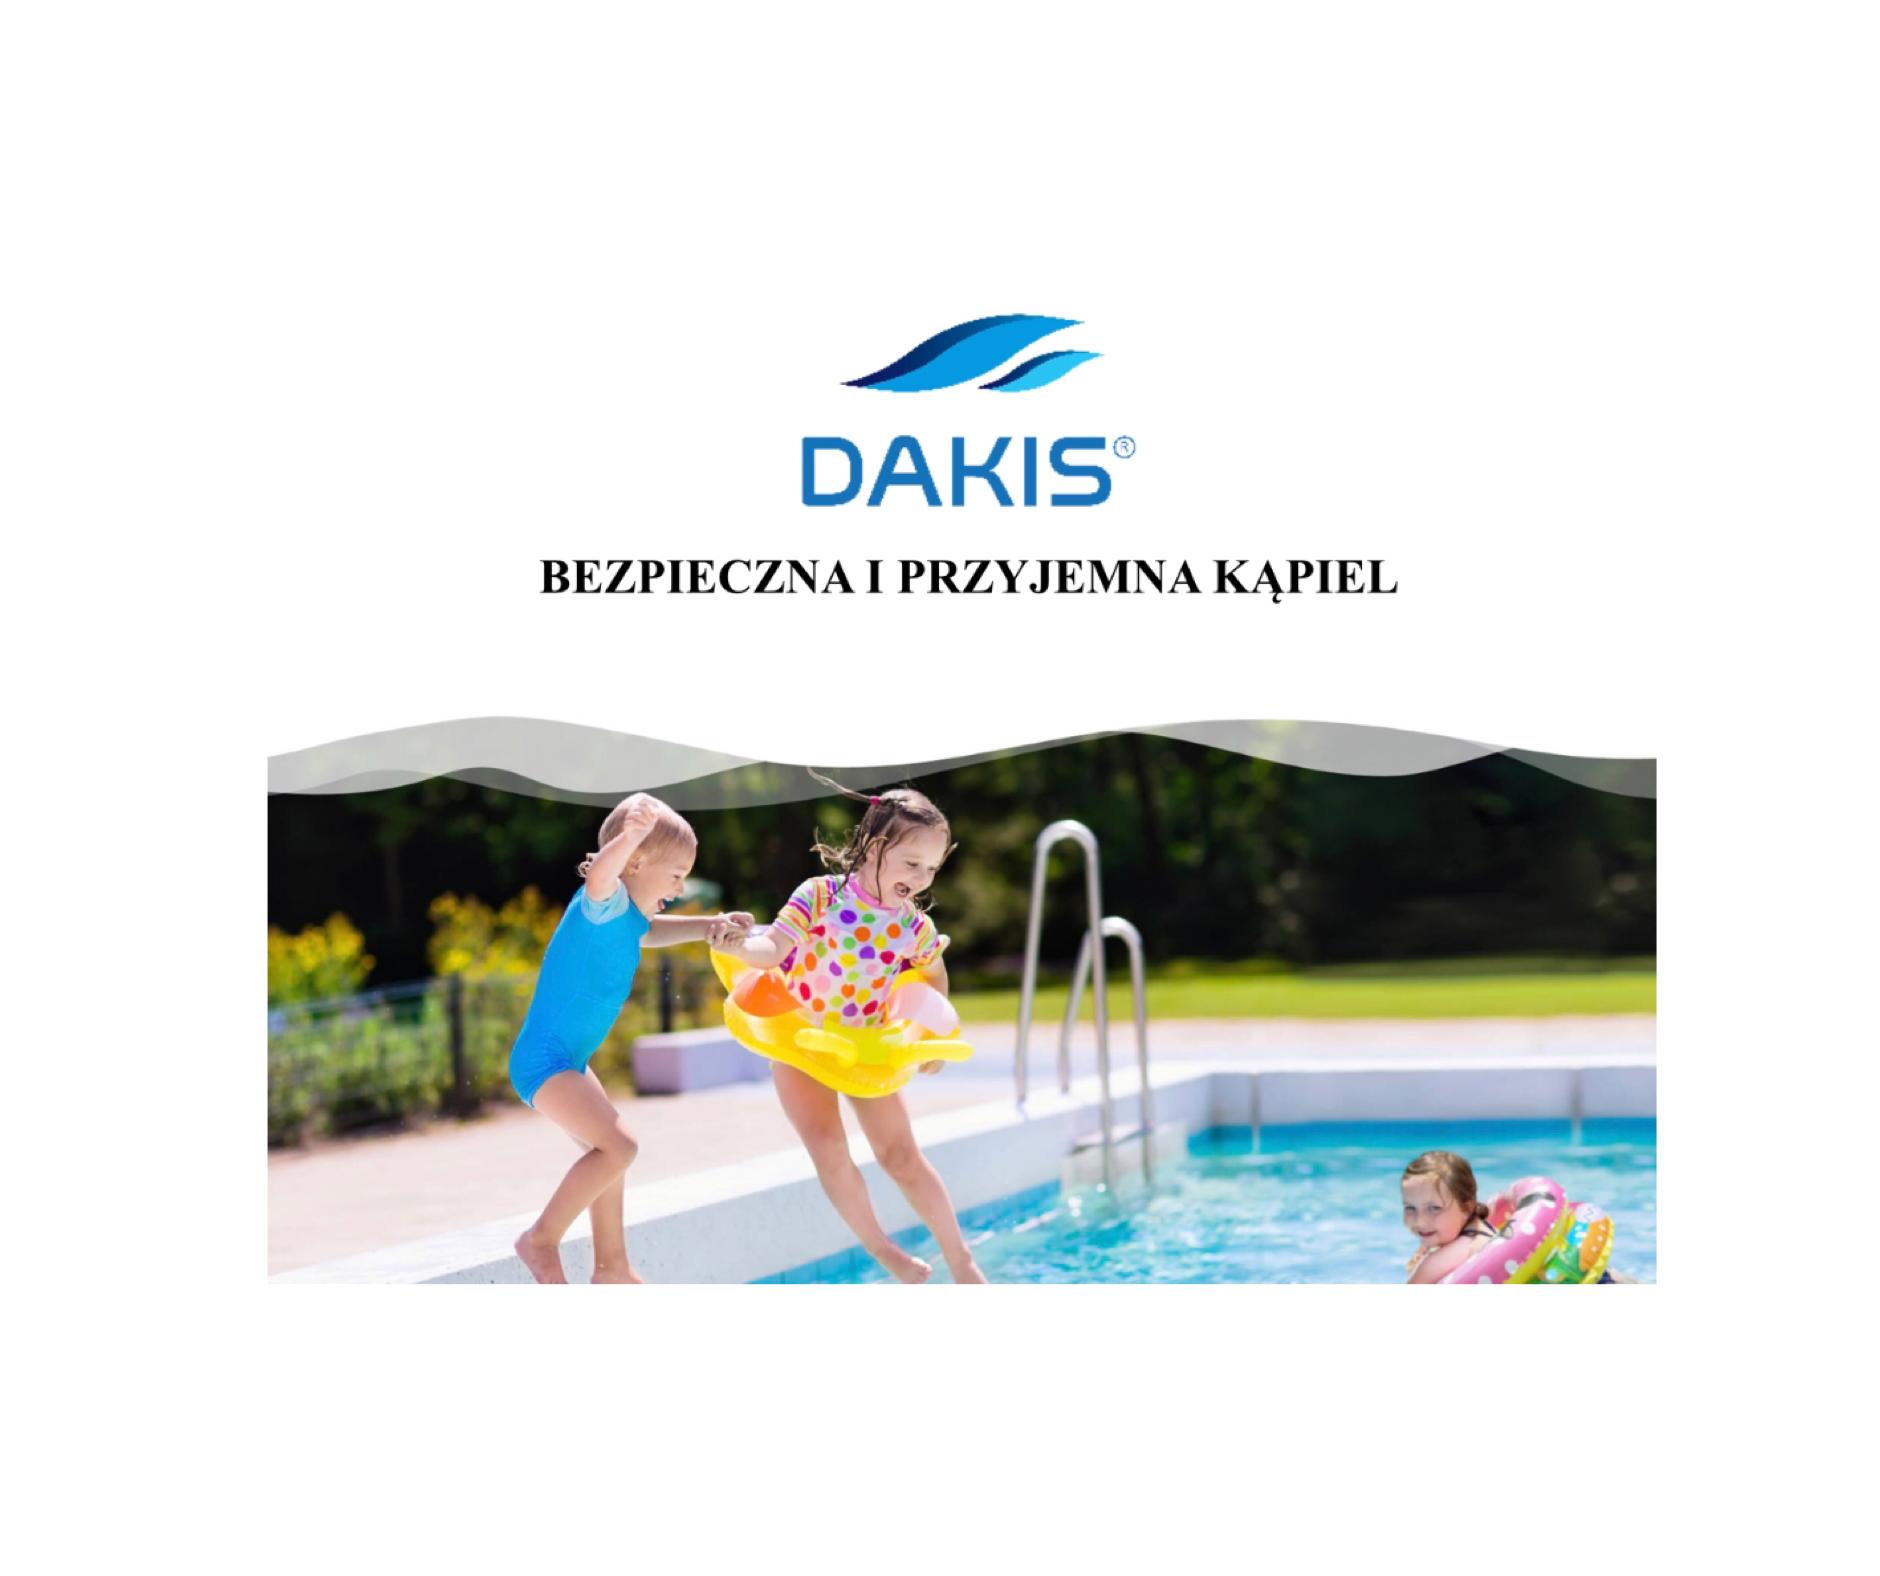 Firma DAKIS Sp. z o.o. z Krupskiego Młyna poleca swój produkt DELFIN PRIME do dezynfekcji wody basenowej